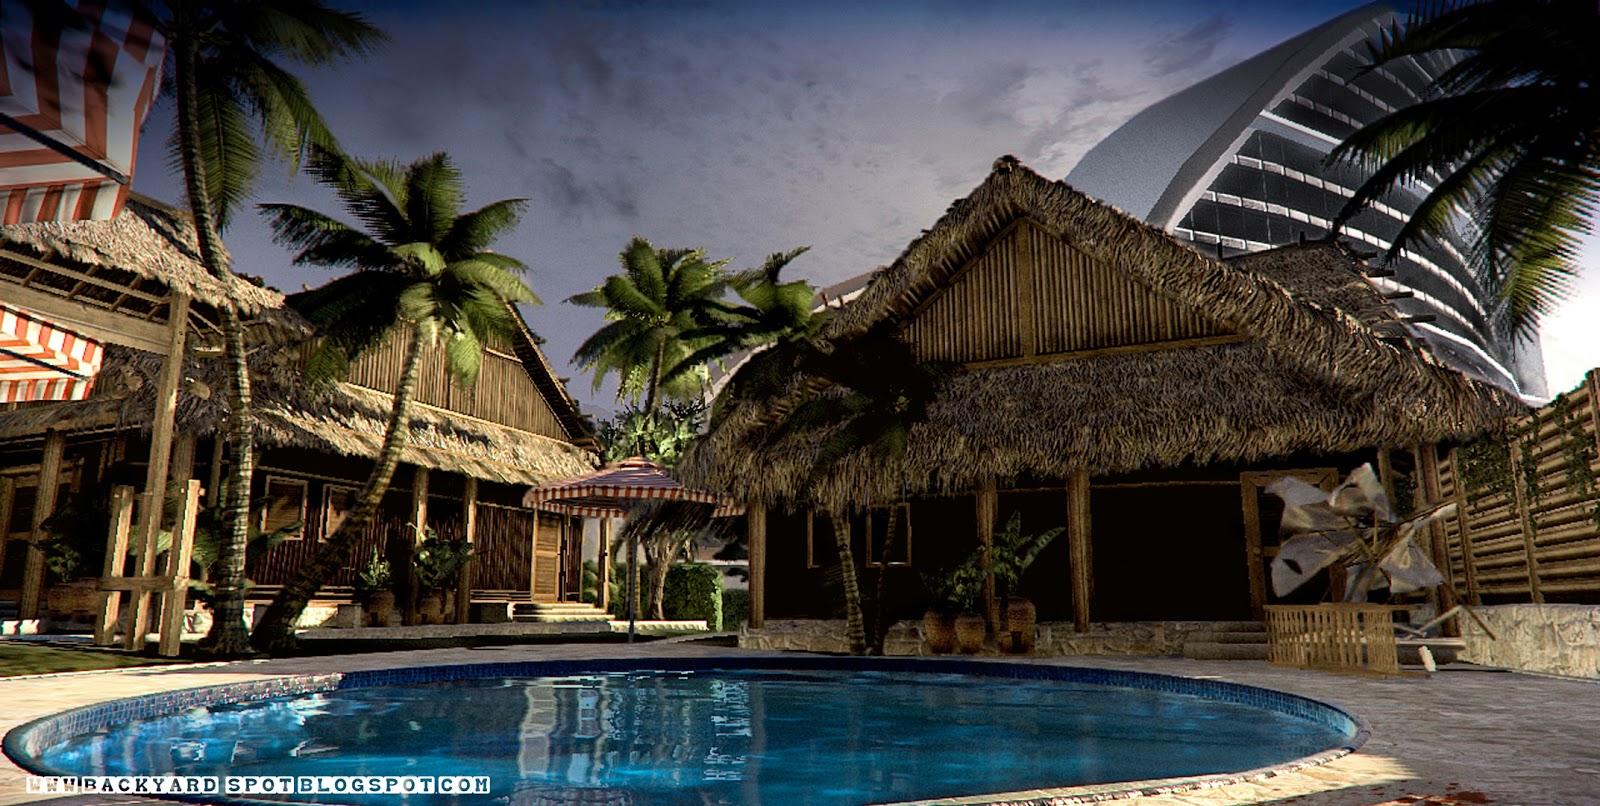 http://2.bp.blogspot.com/-viV-d2fn_No/TatLhVp4qNI/AAAAAAAAA3Q/QPomq40YmIA/s1600/dead-island-02.jpg